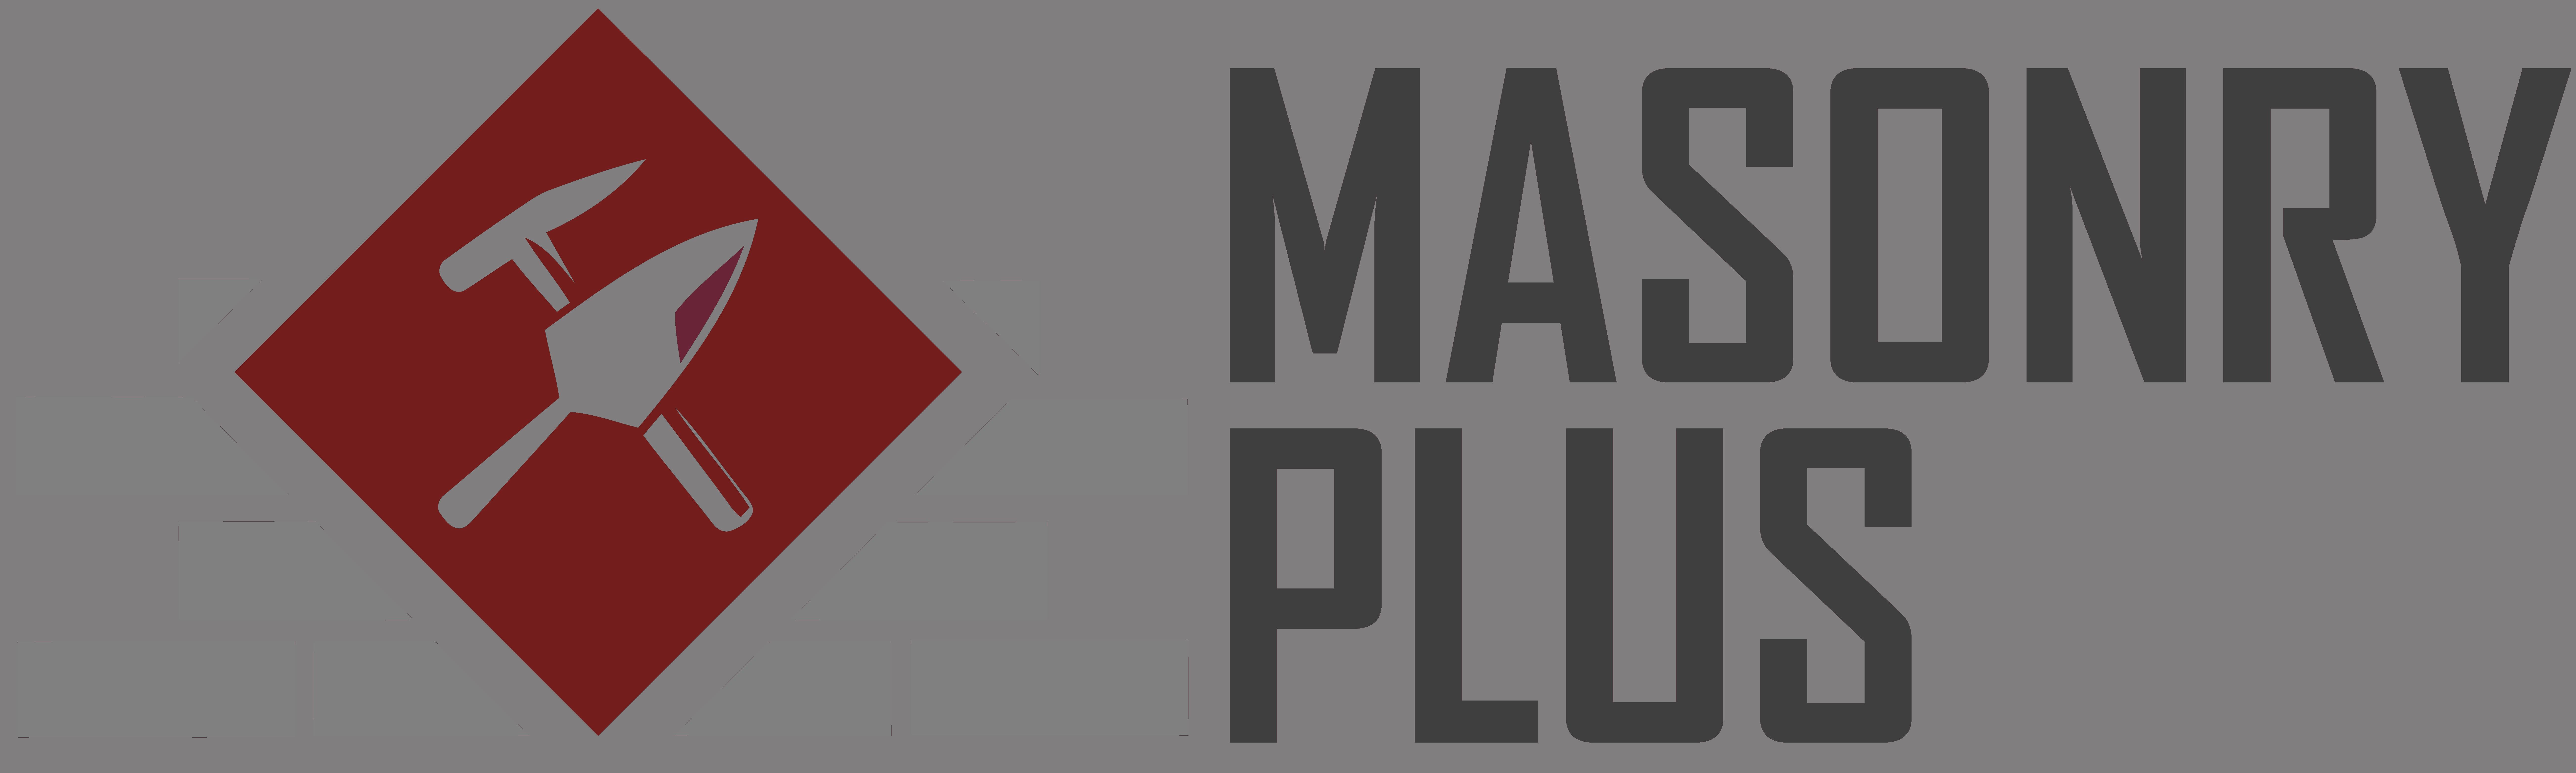 Masonry Plus